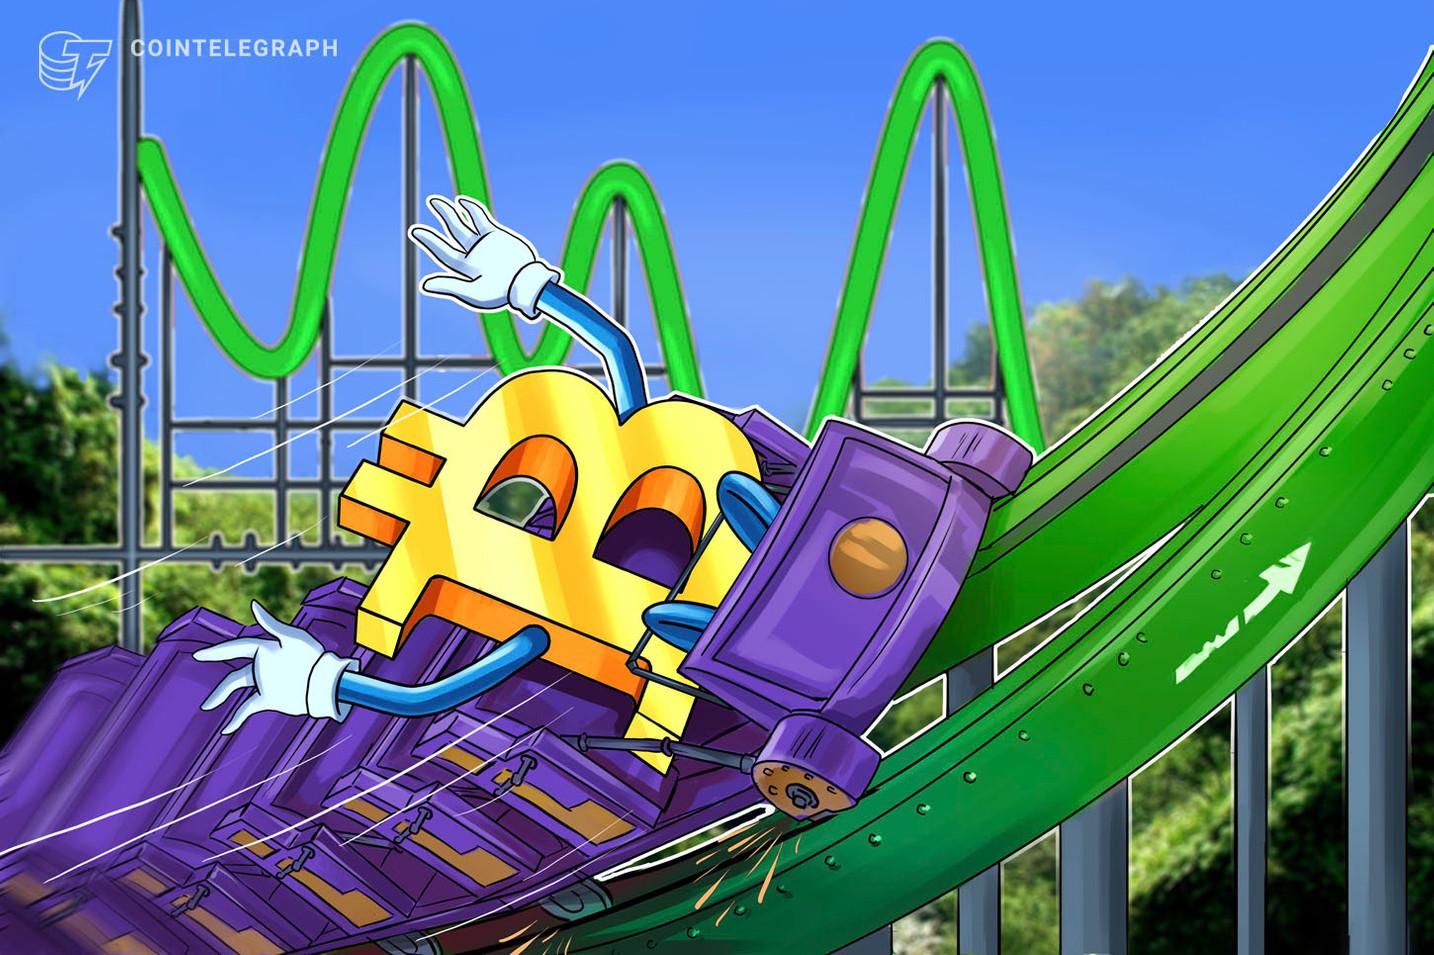 El precio de Bitcoin supera la resistencia de USD 8.5K mientras los alcistas apuntan a USD 8.8K